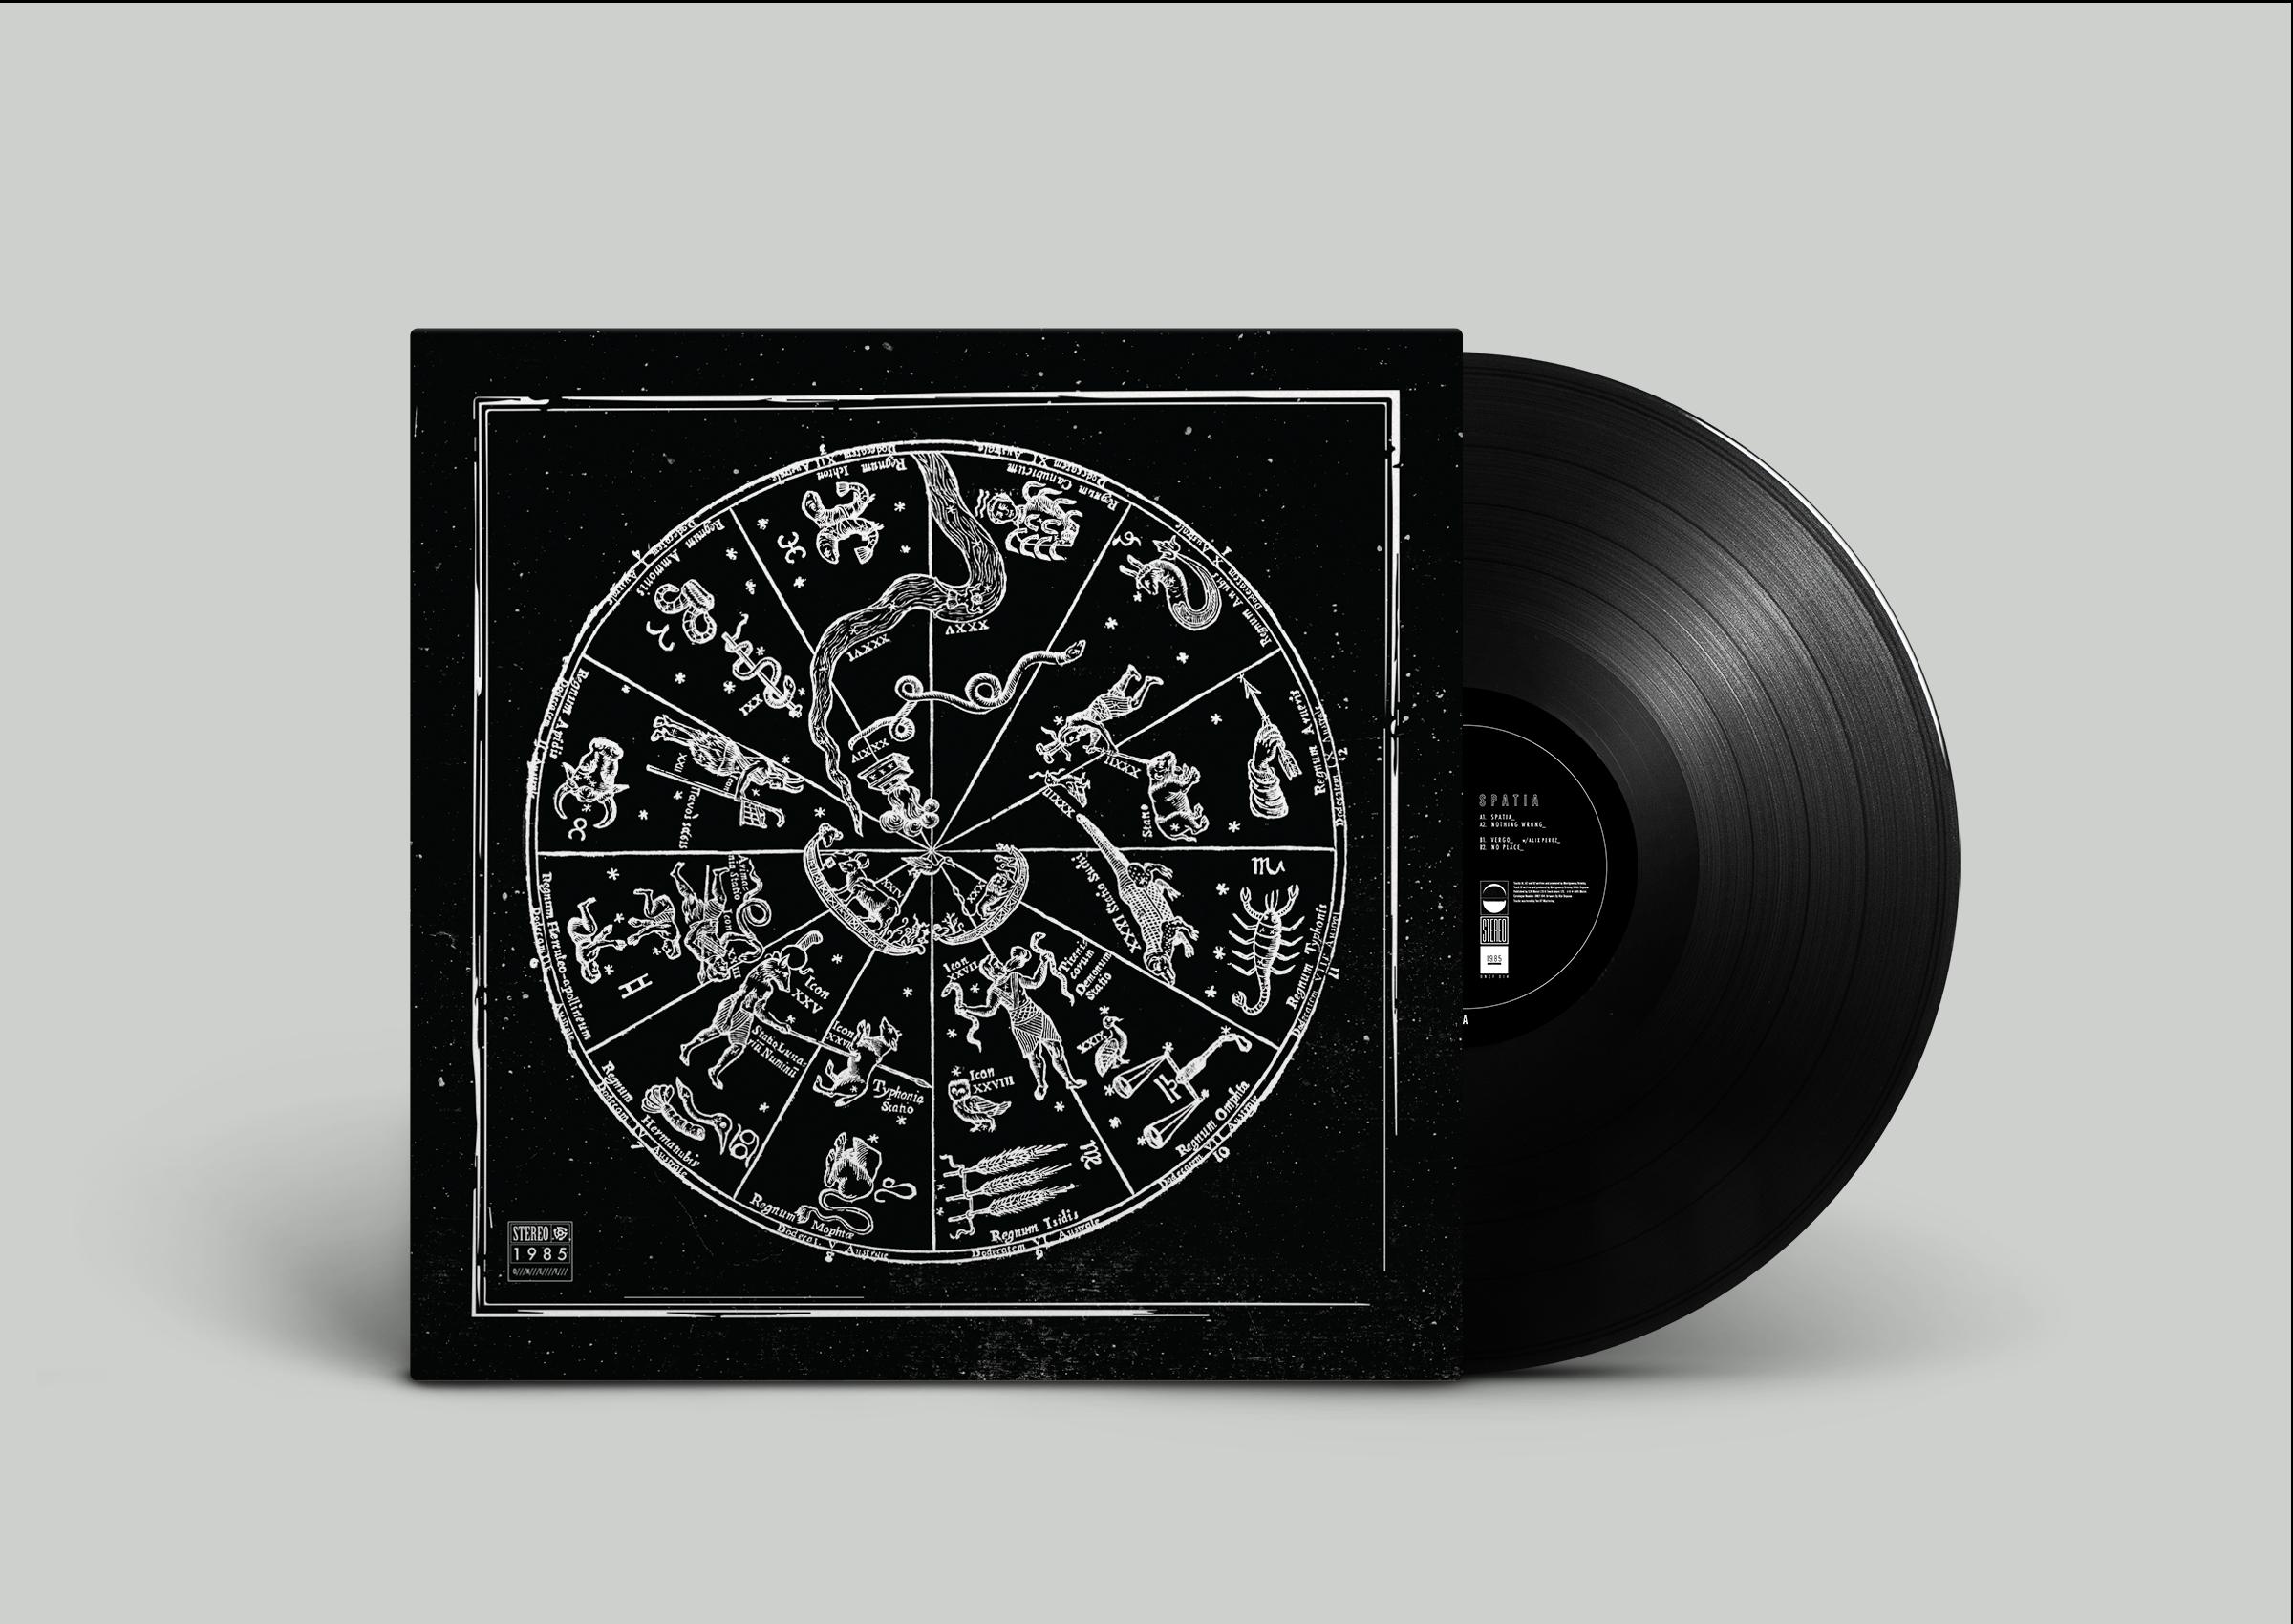 ONEF014 - Monty - Spatia EP